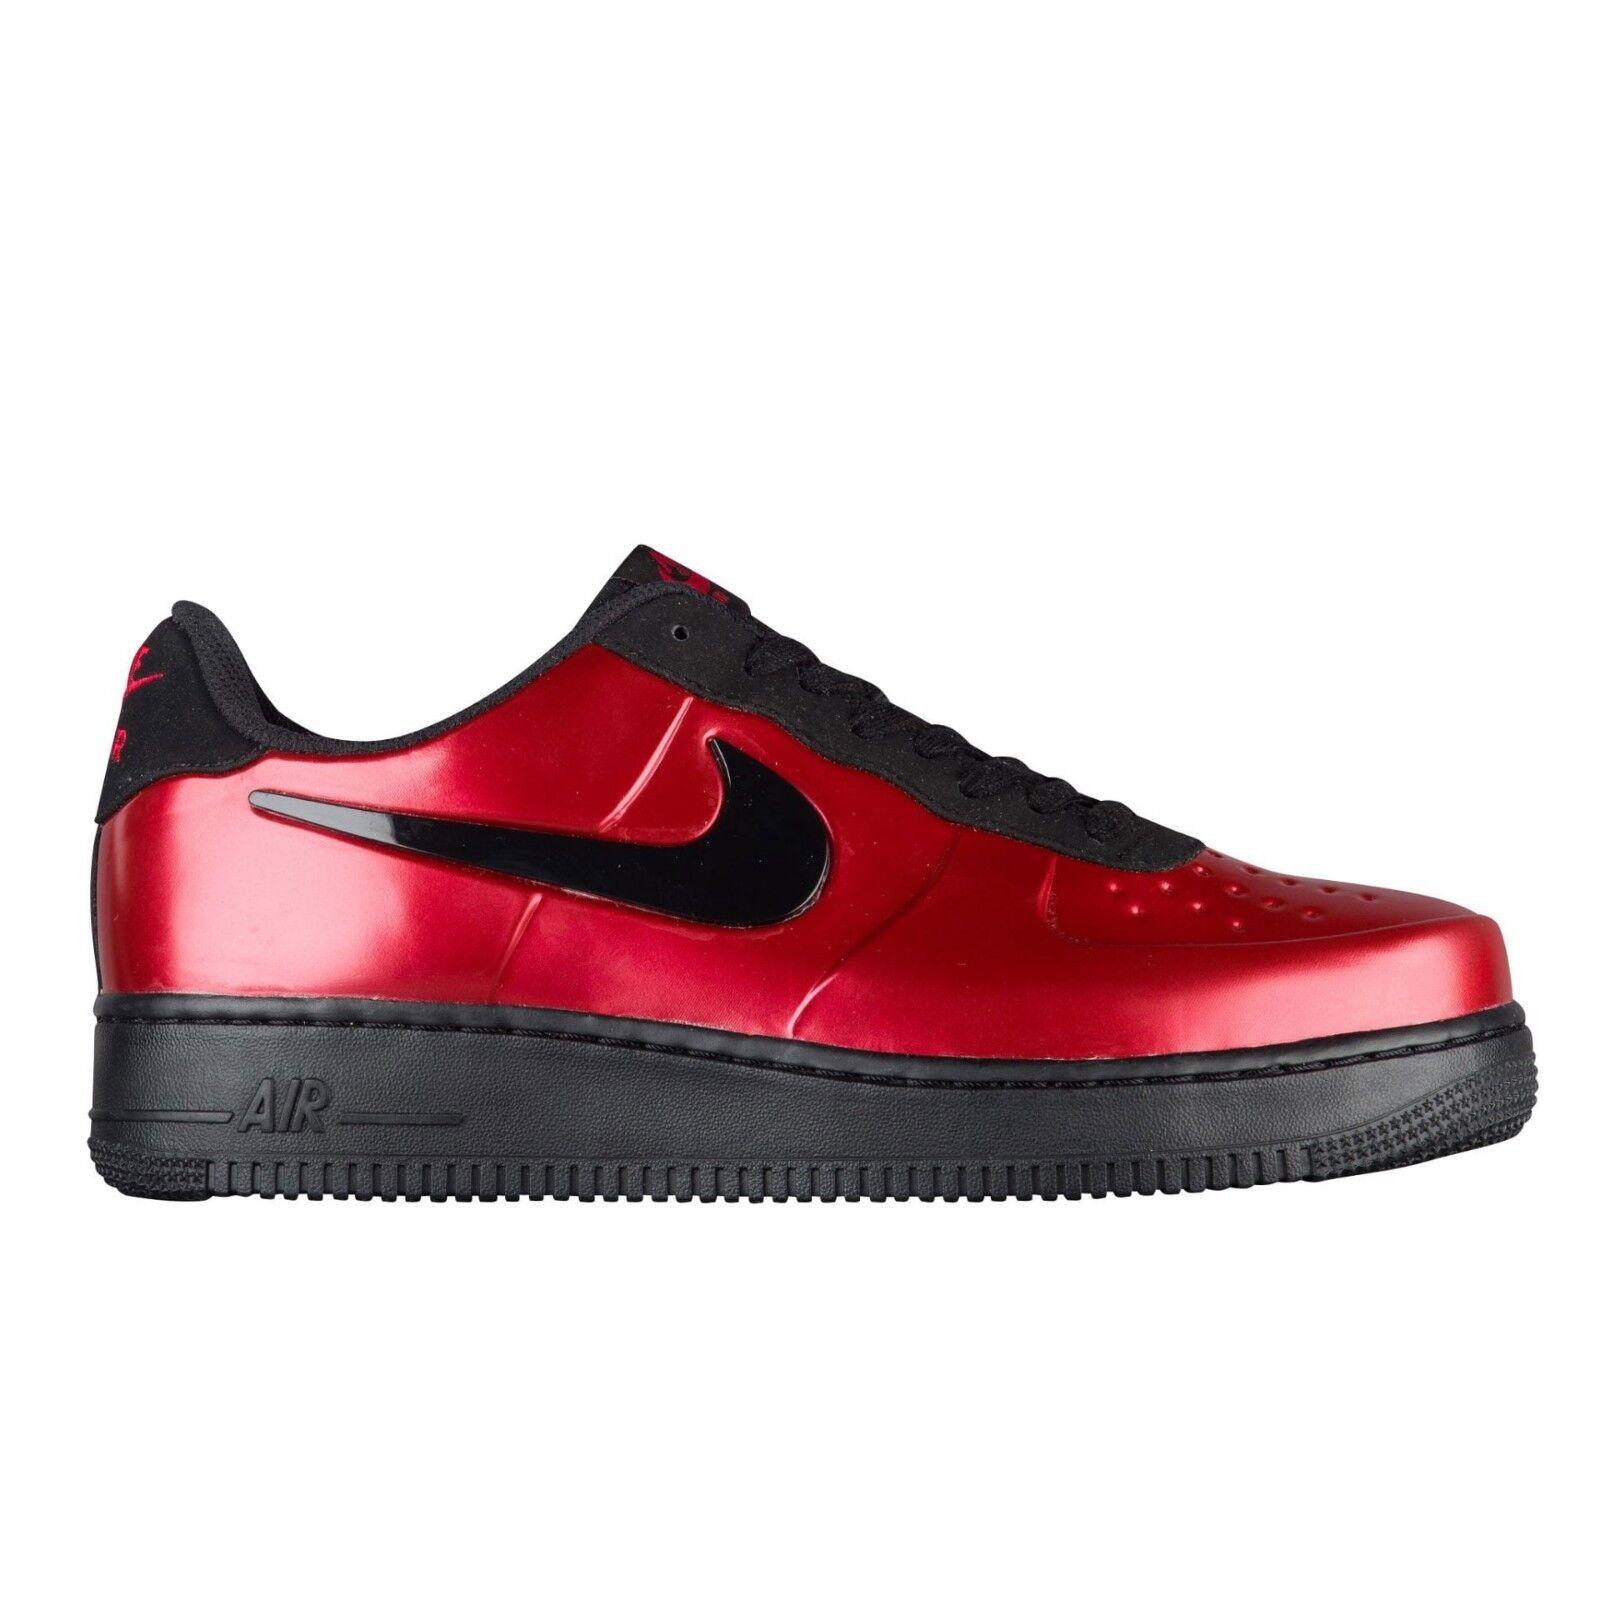 Nike uomini foamposite pro cup new vera palestra rosso / nero aj3664-601